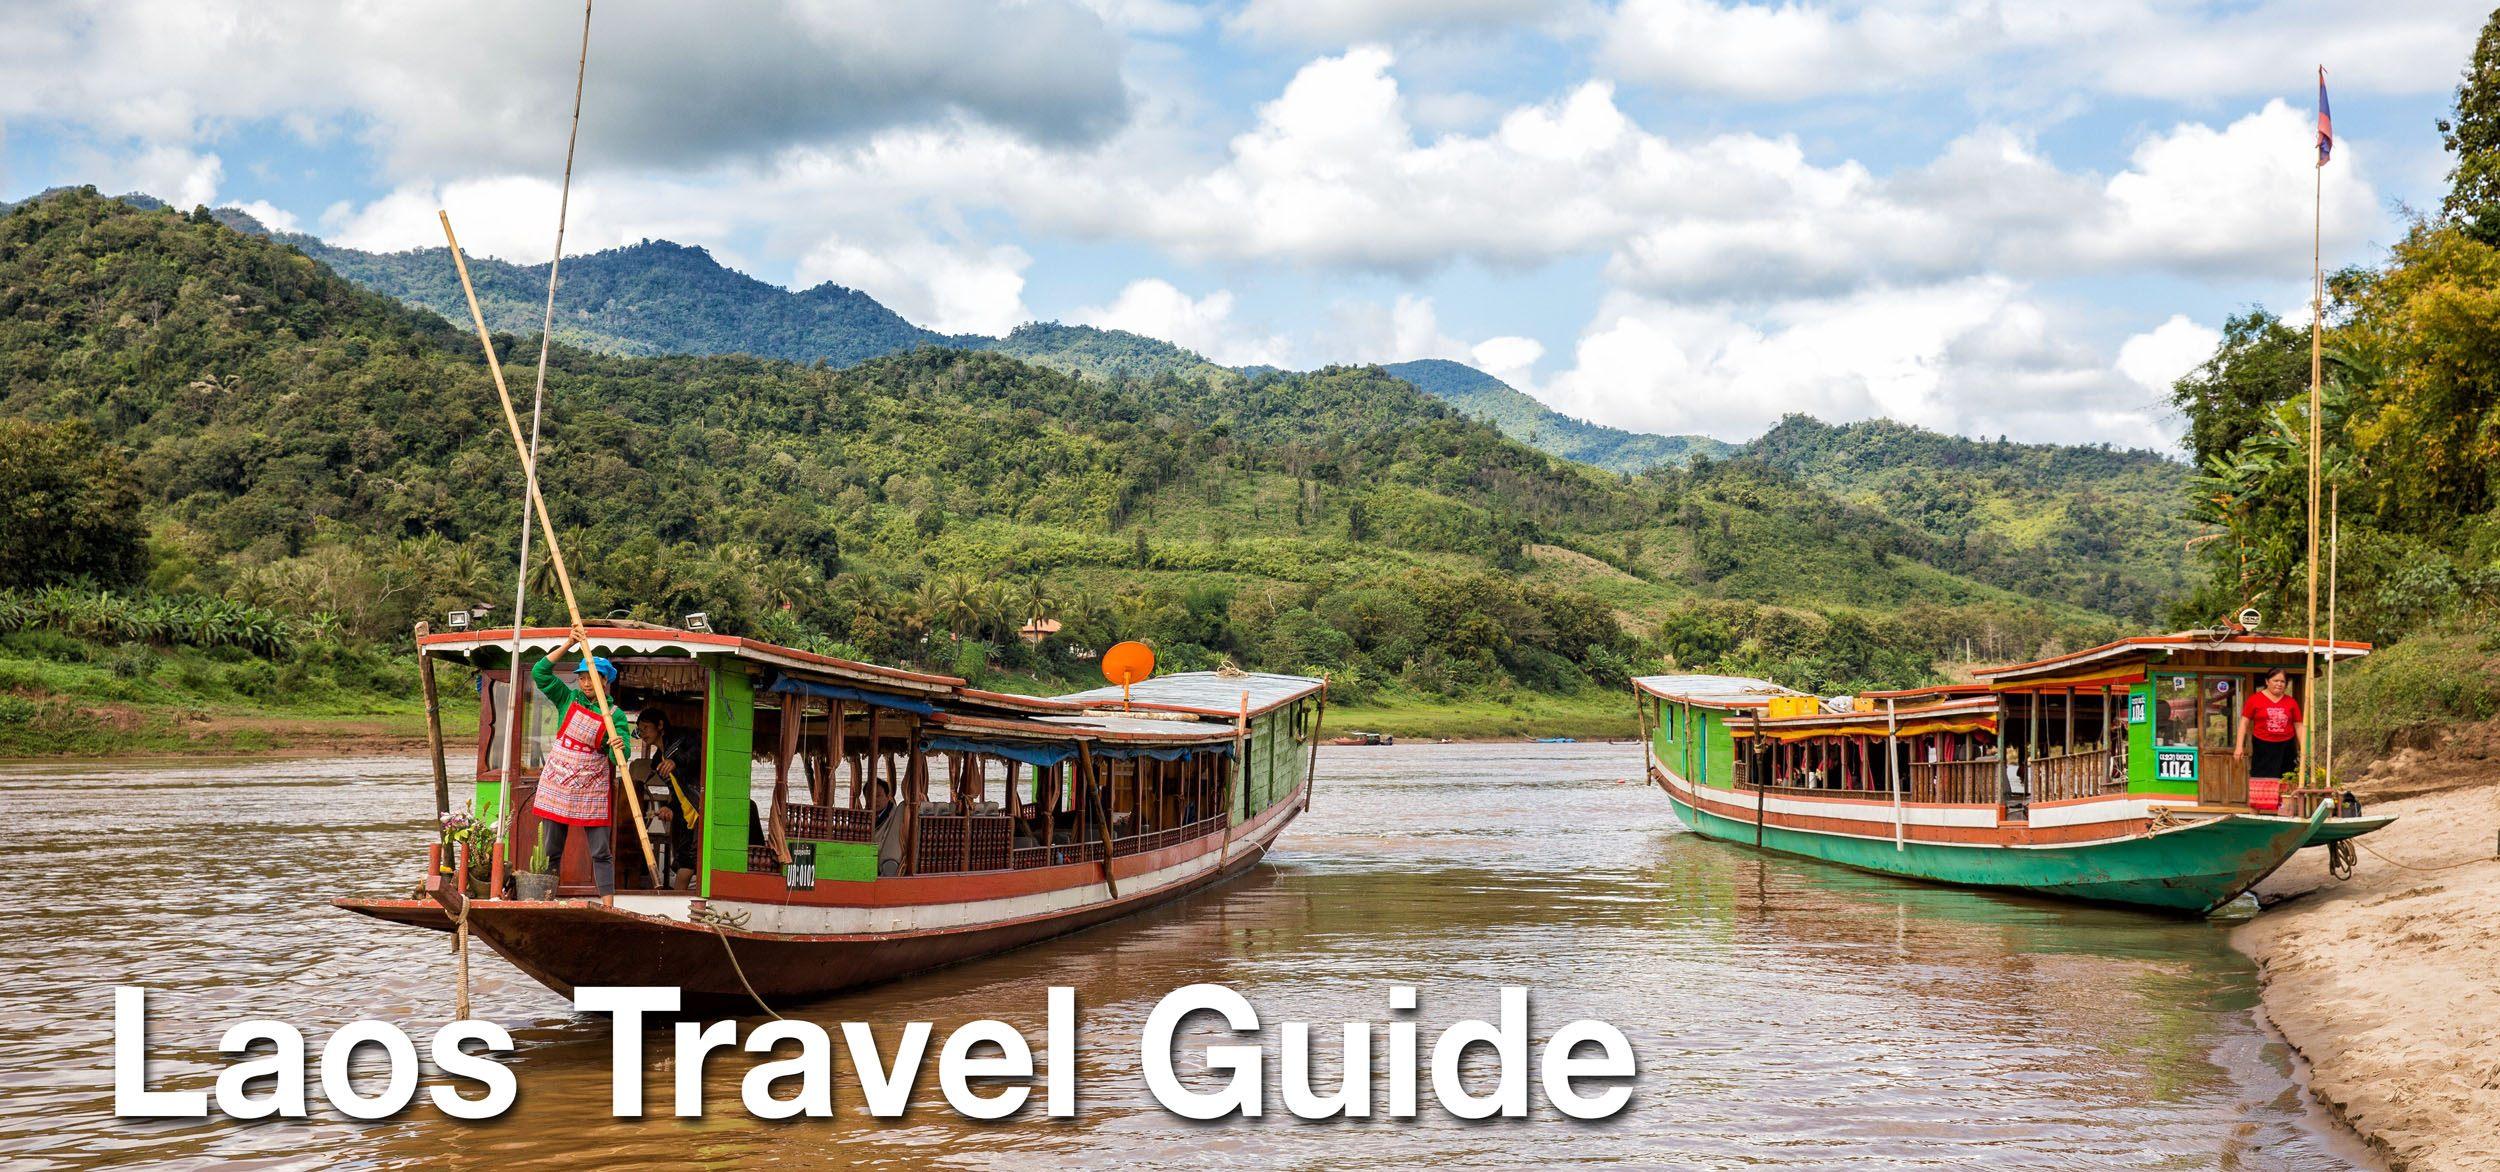 Laos Travel Guide | Earth Trekkers